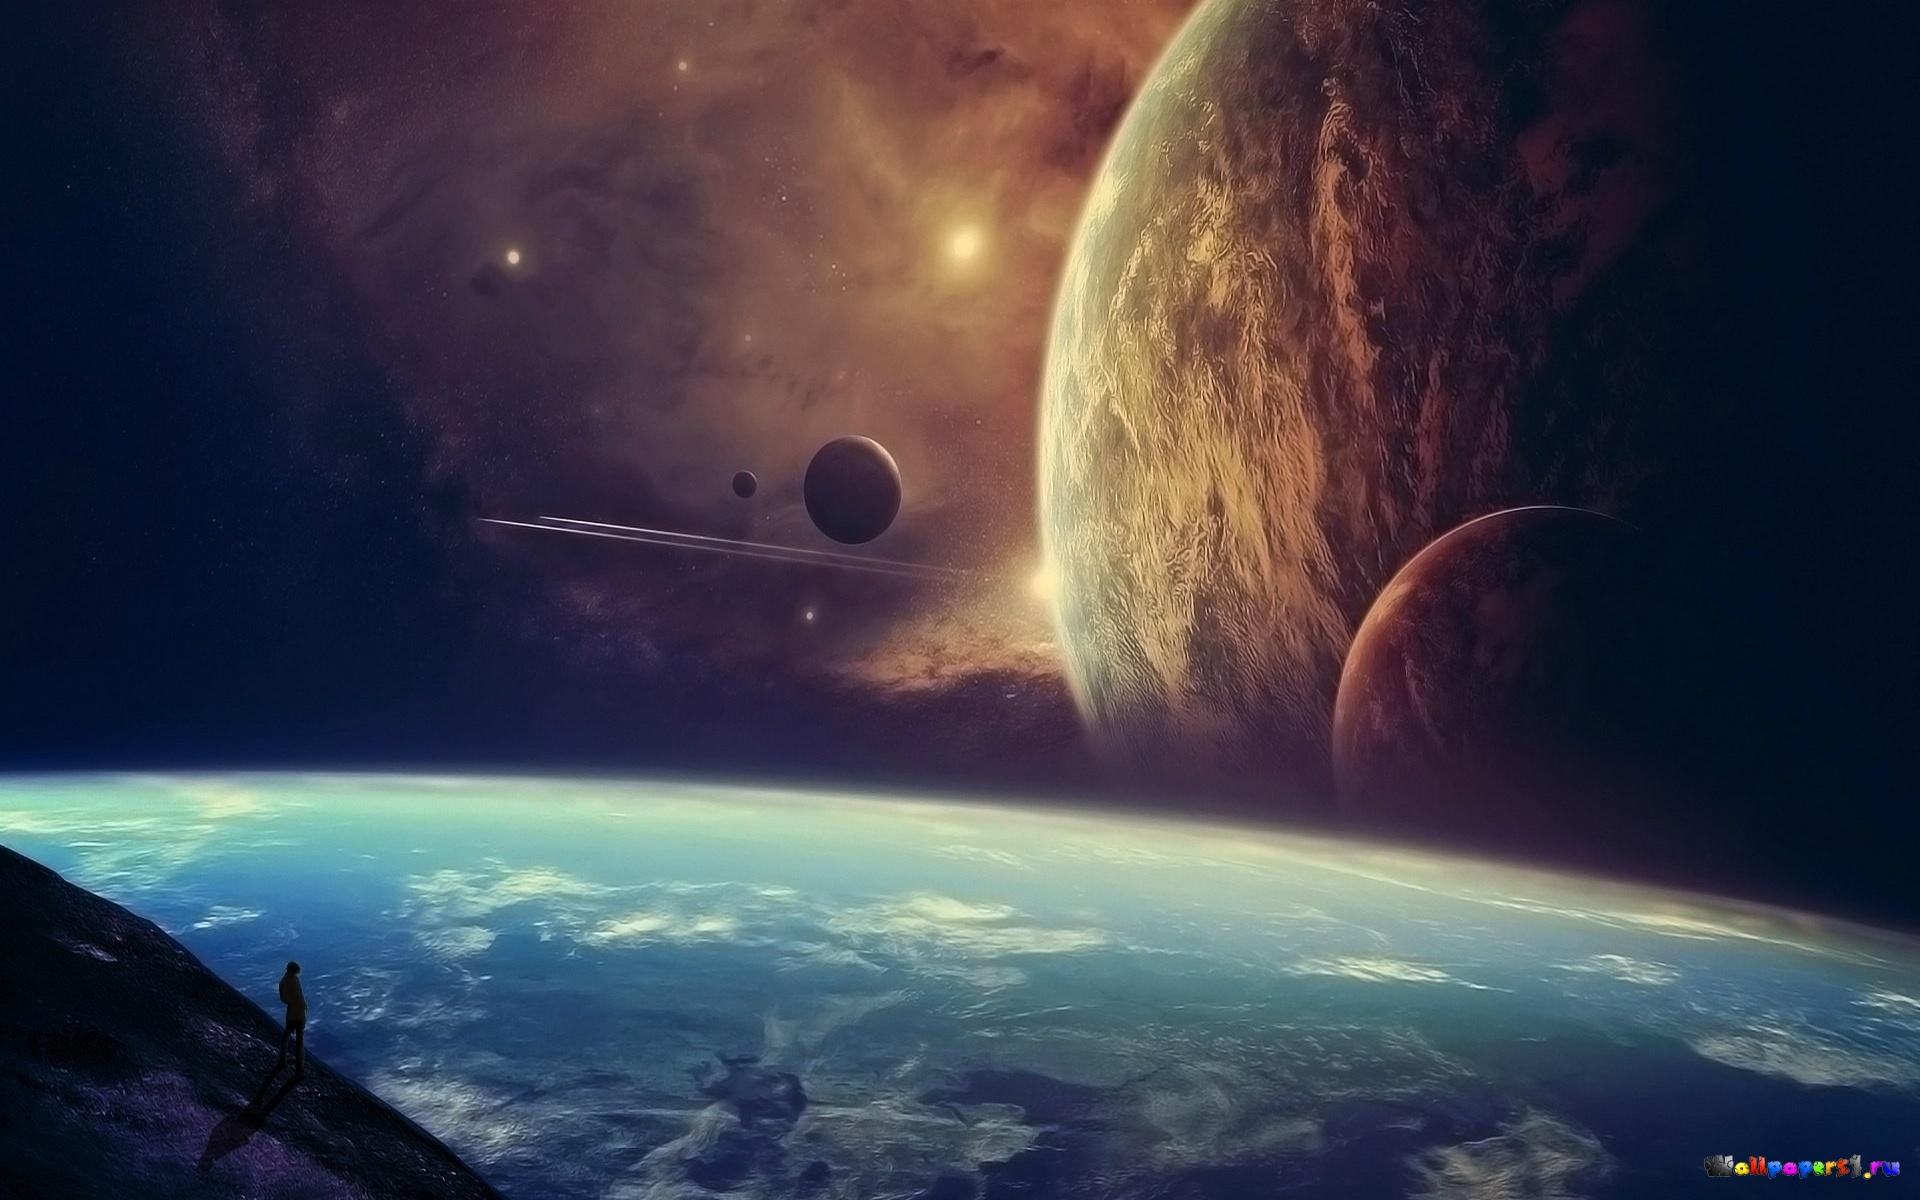 Обои космос вселенная планета картинки на рабочий стол на тему Космос - скачать  № 1955832 загрузить